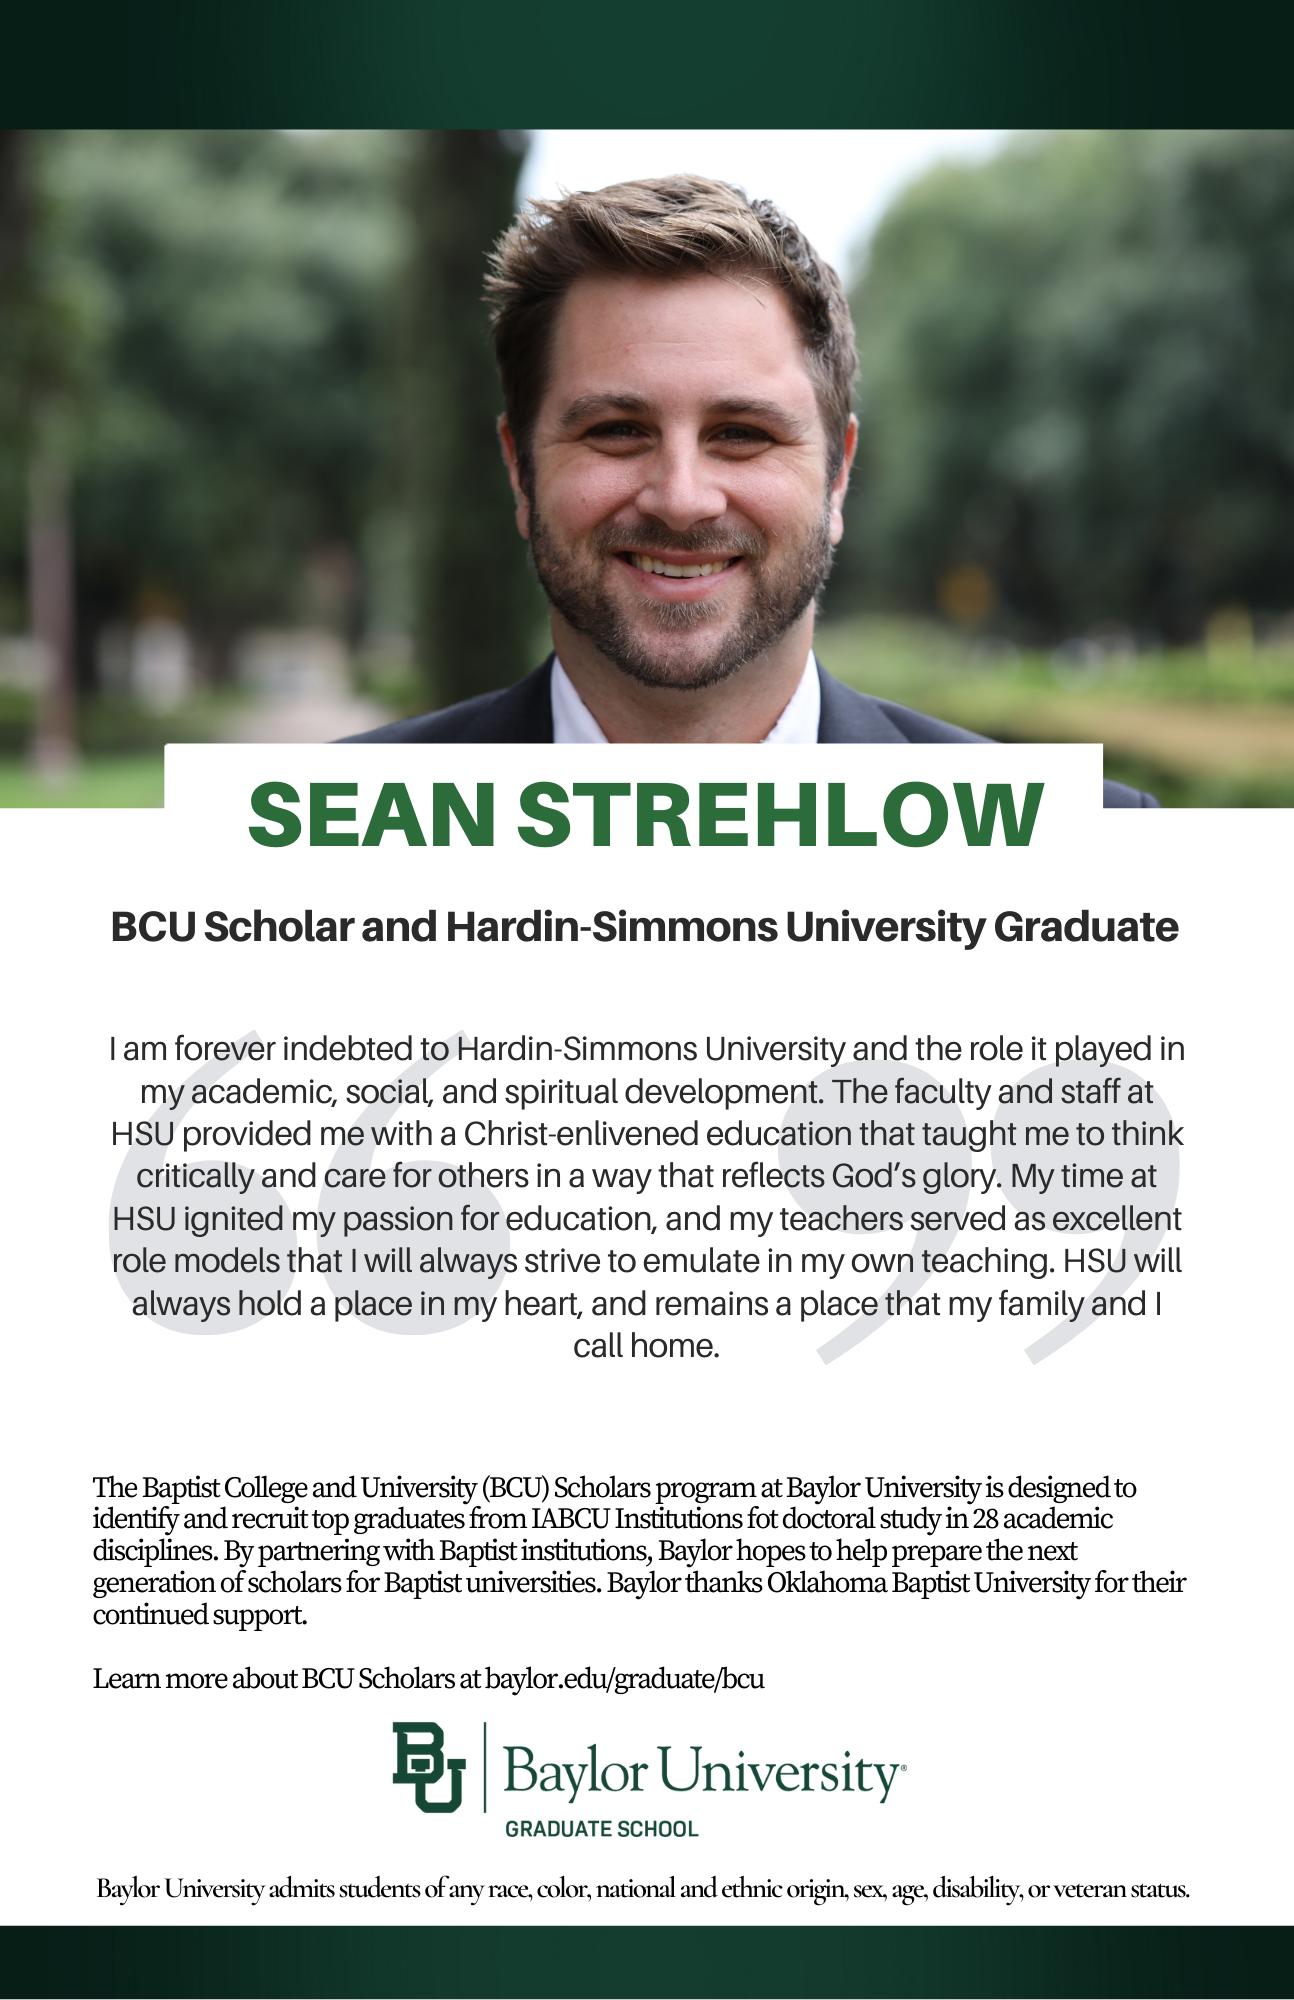 Sean Strehlow BCU ad